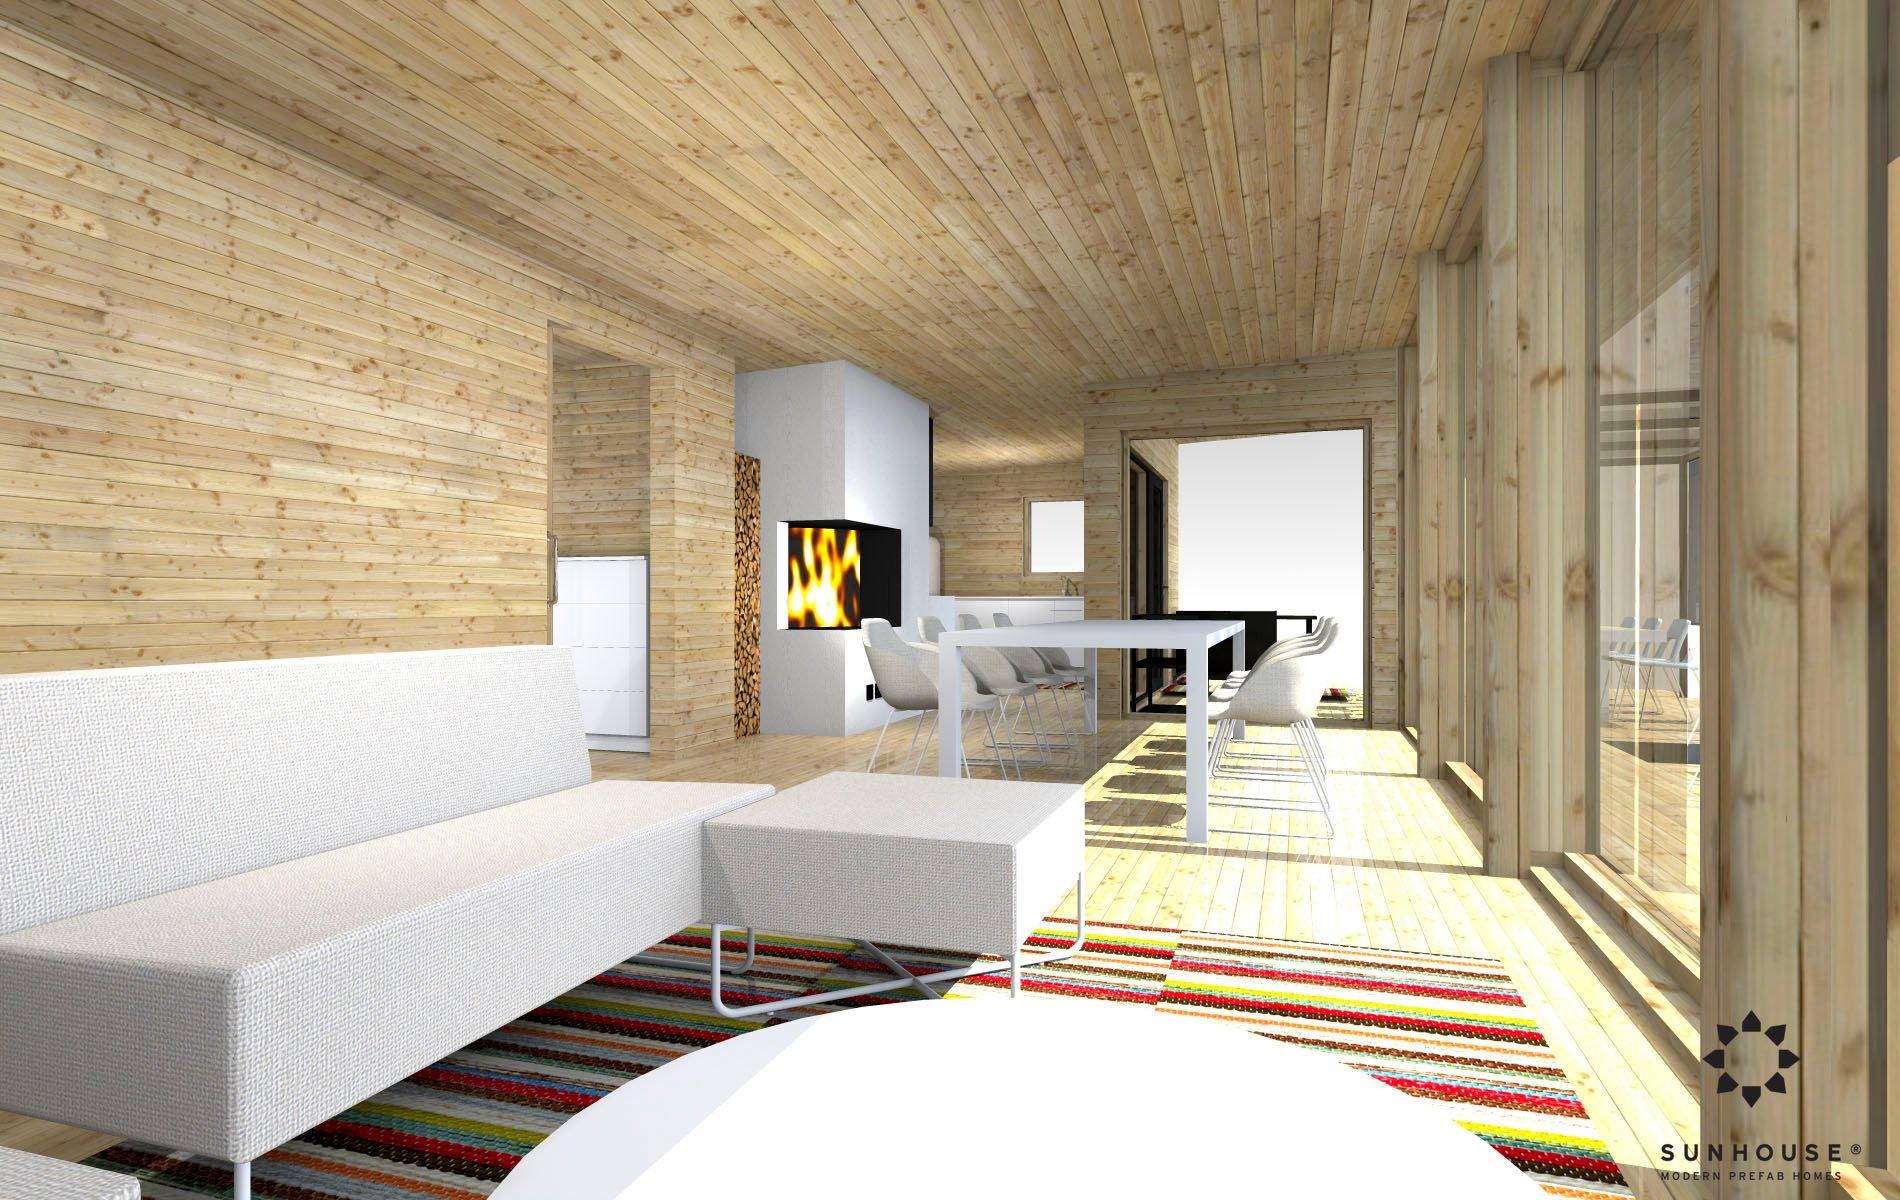 Sunhouse moderni huvila S1419_sisältä (2)